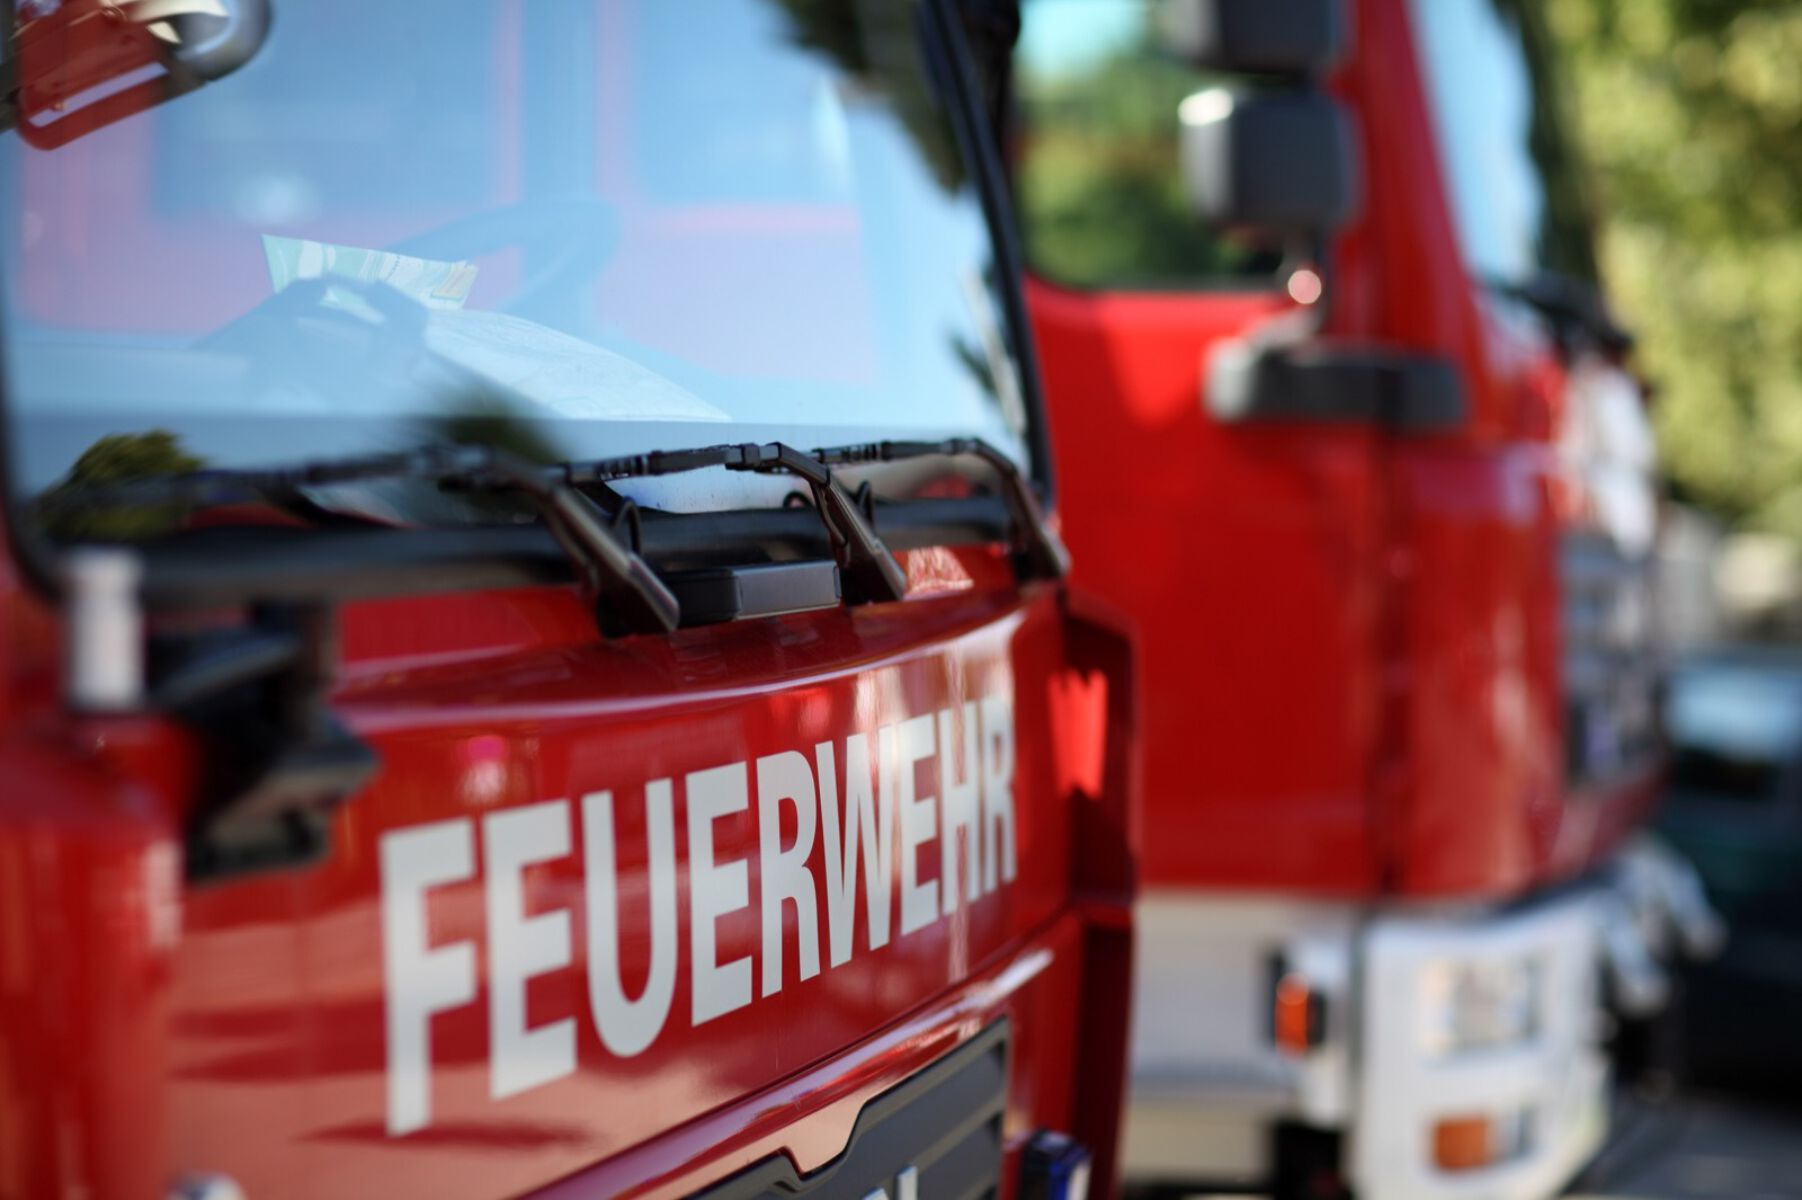 Feuerwehr Autos 1600